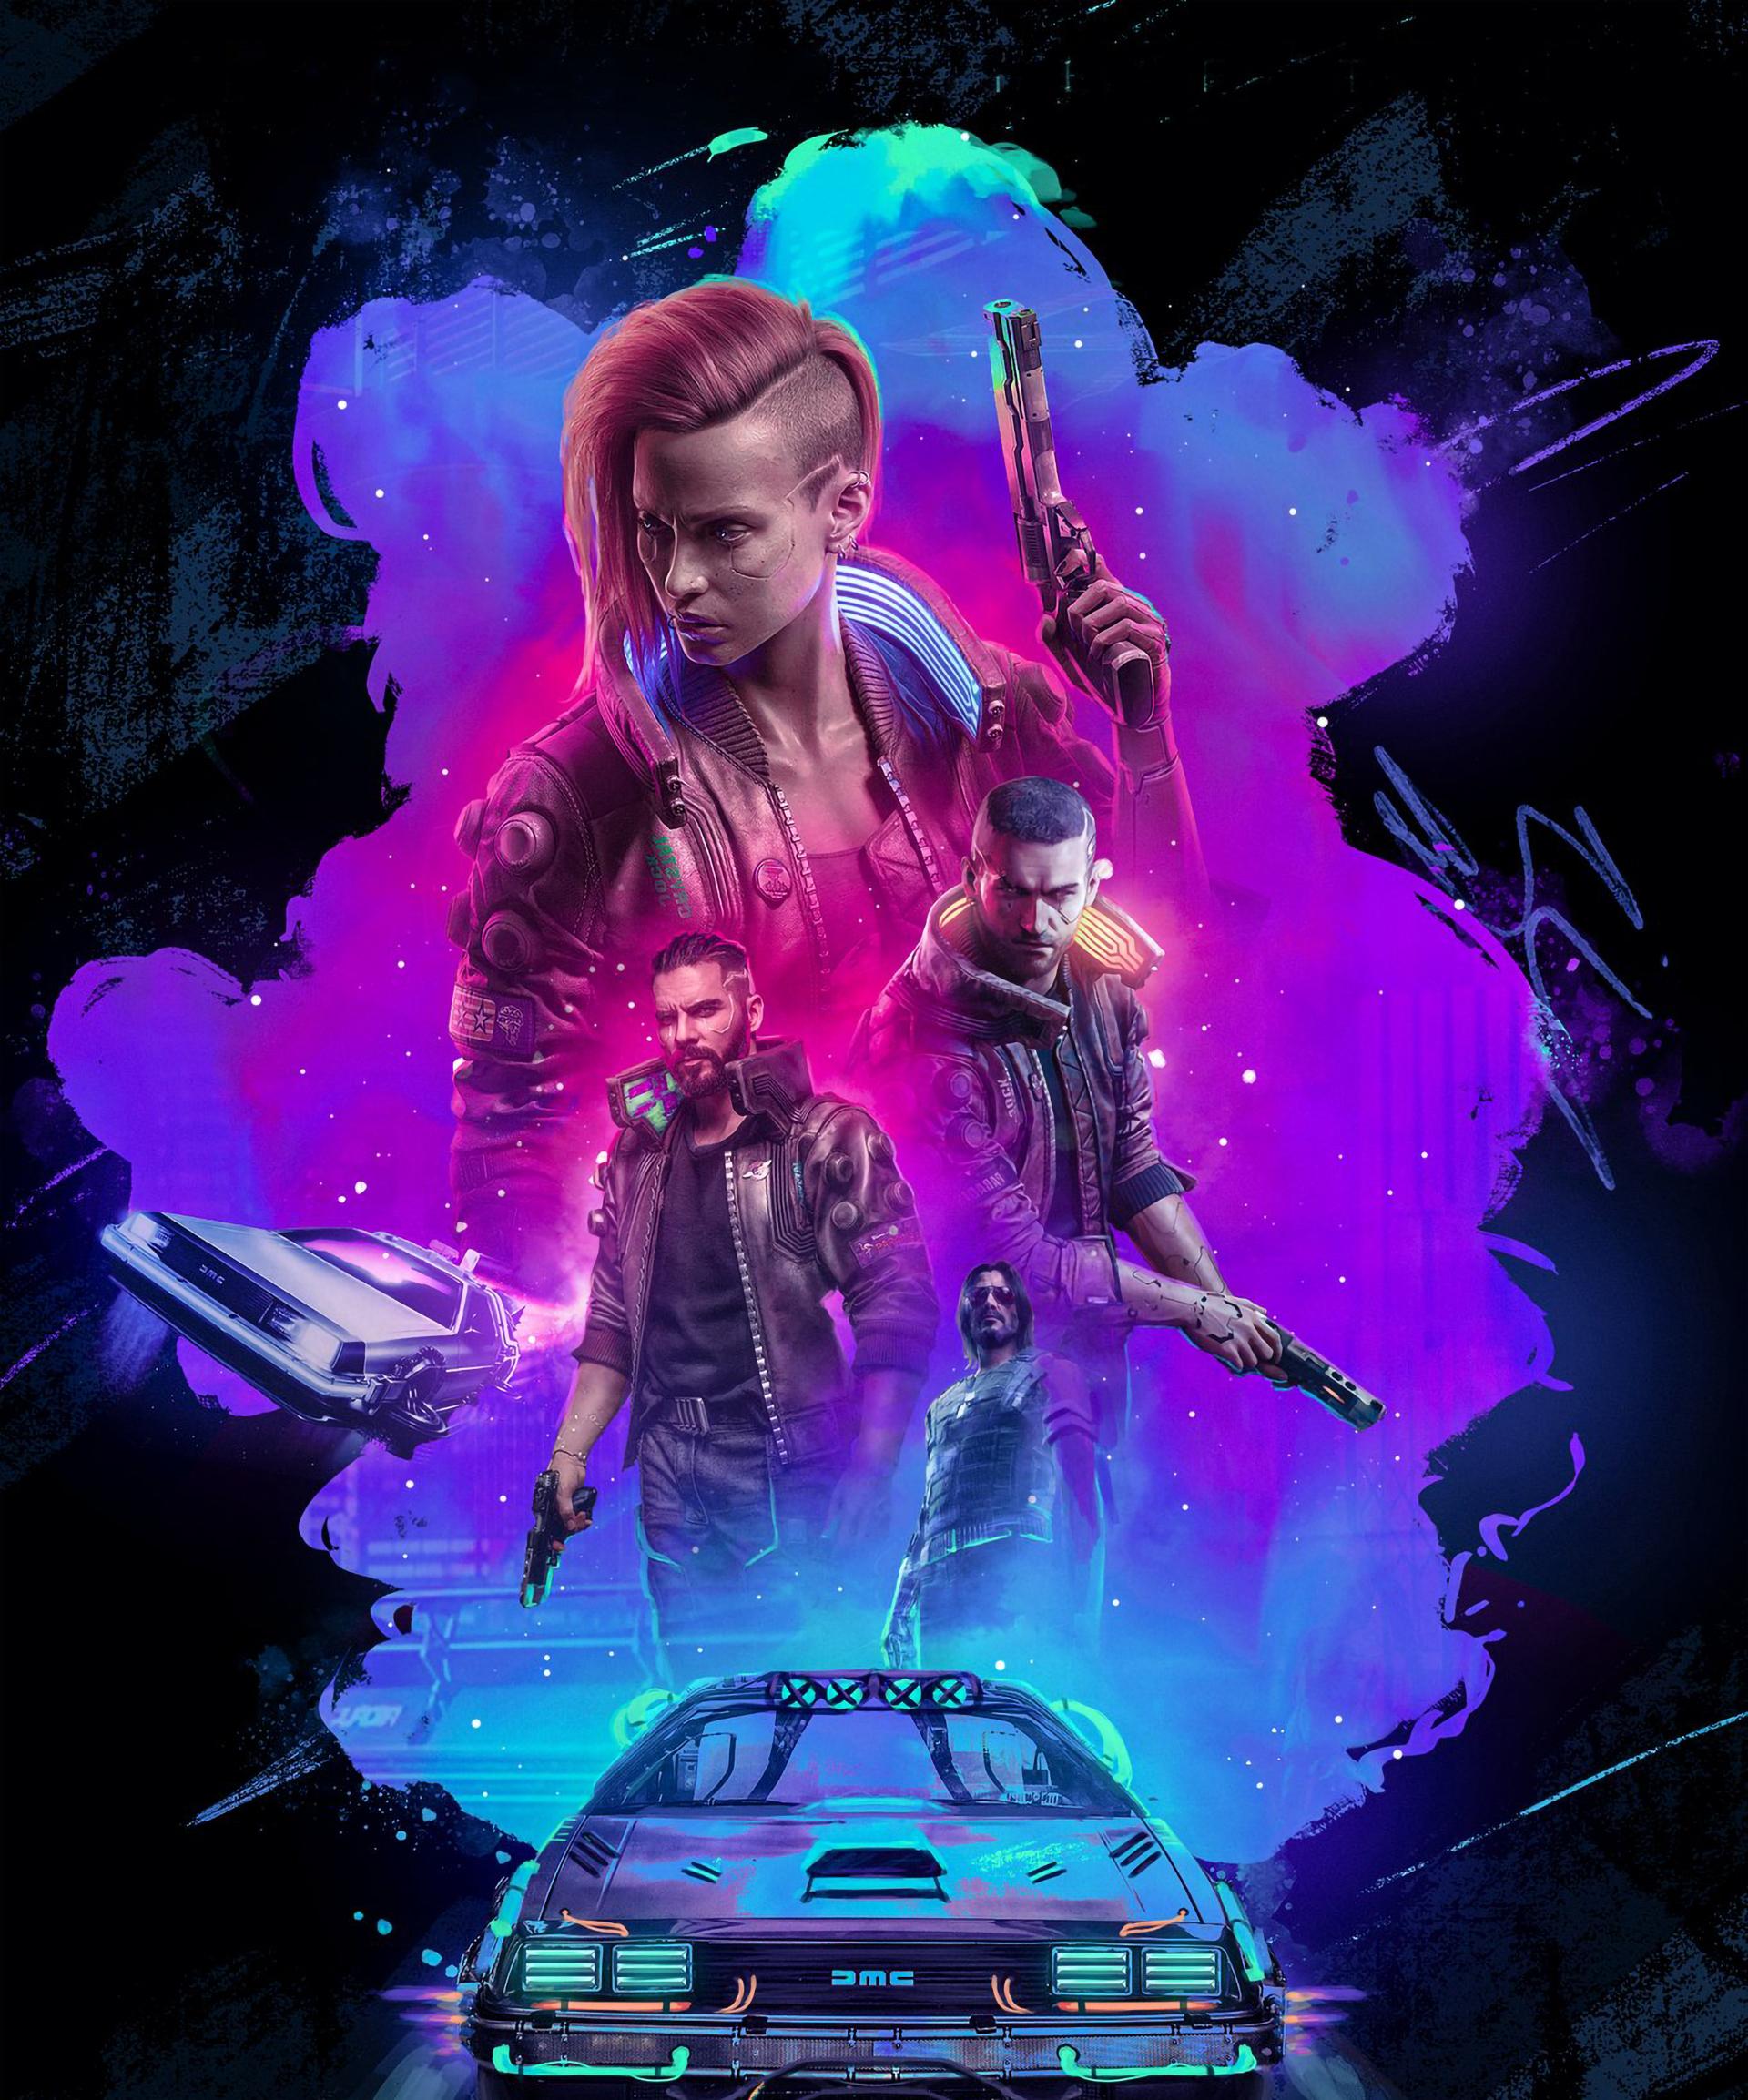 Cyberpunk 2077 Official Poster Wallpaper, HD Games 4K ...